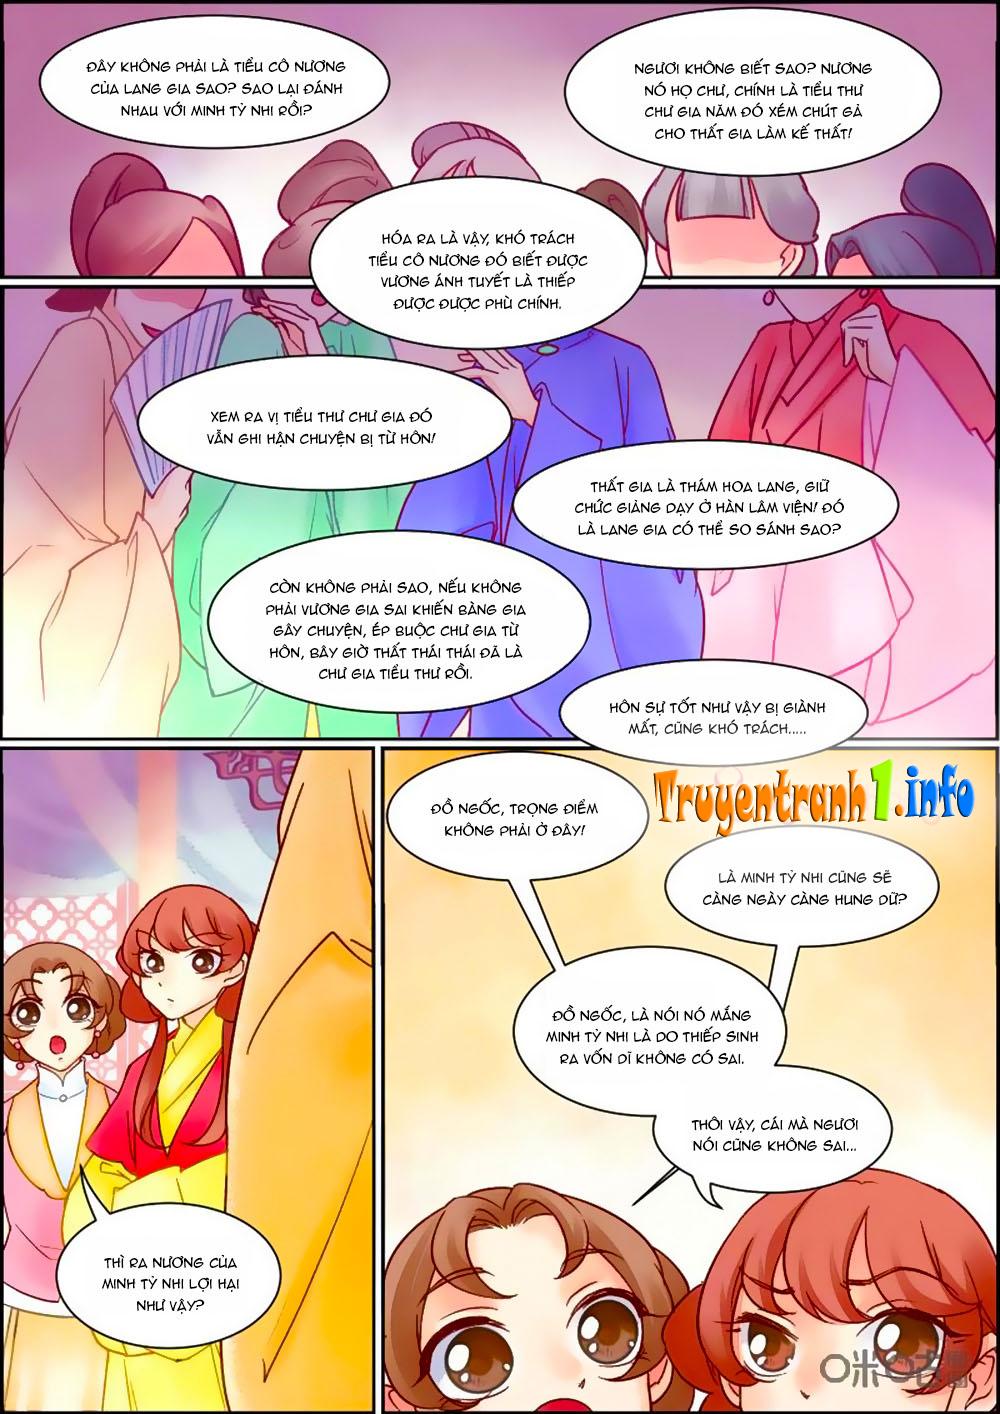 Cửu Trùng Tử chap 77 - Trang 5